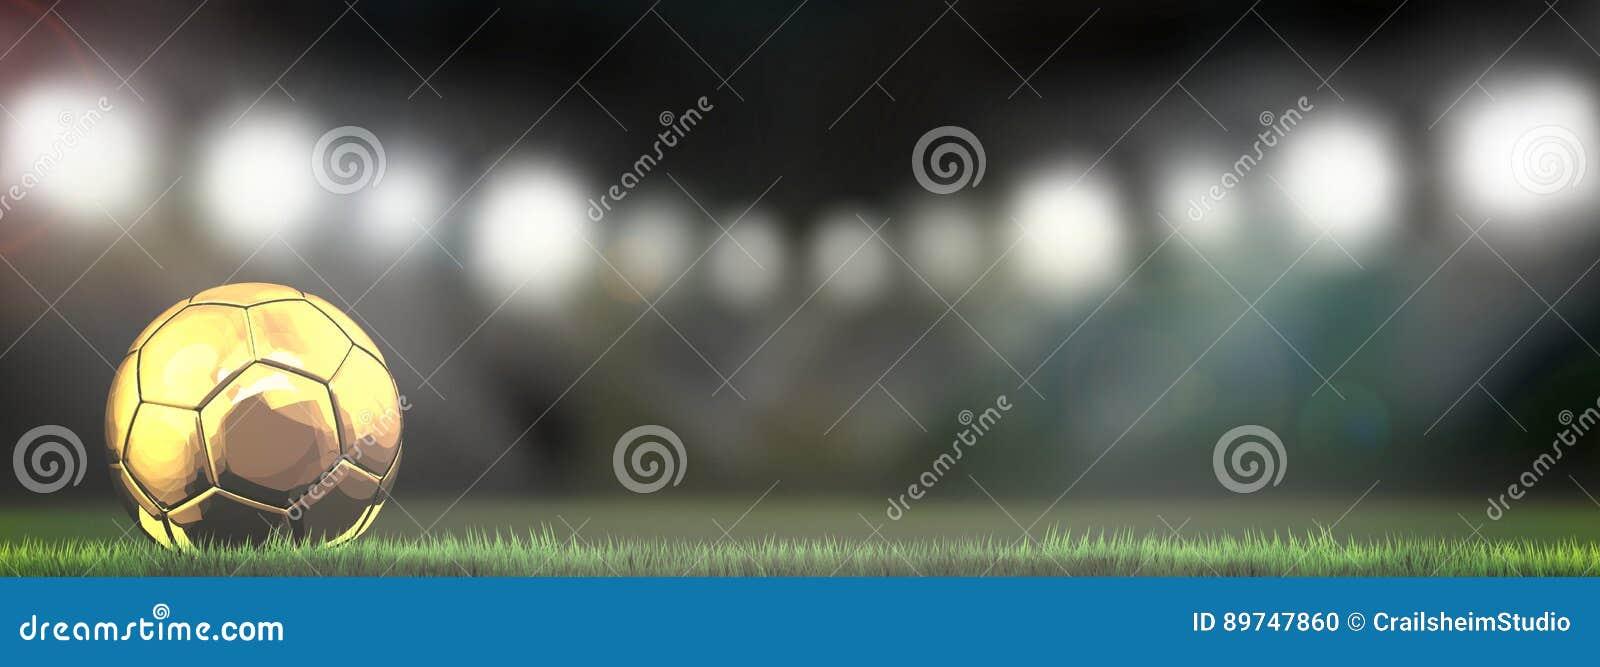 Guld- fotbollfotbollboll i stadion 3d